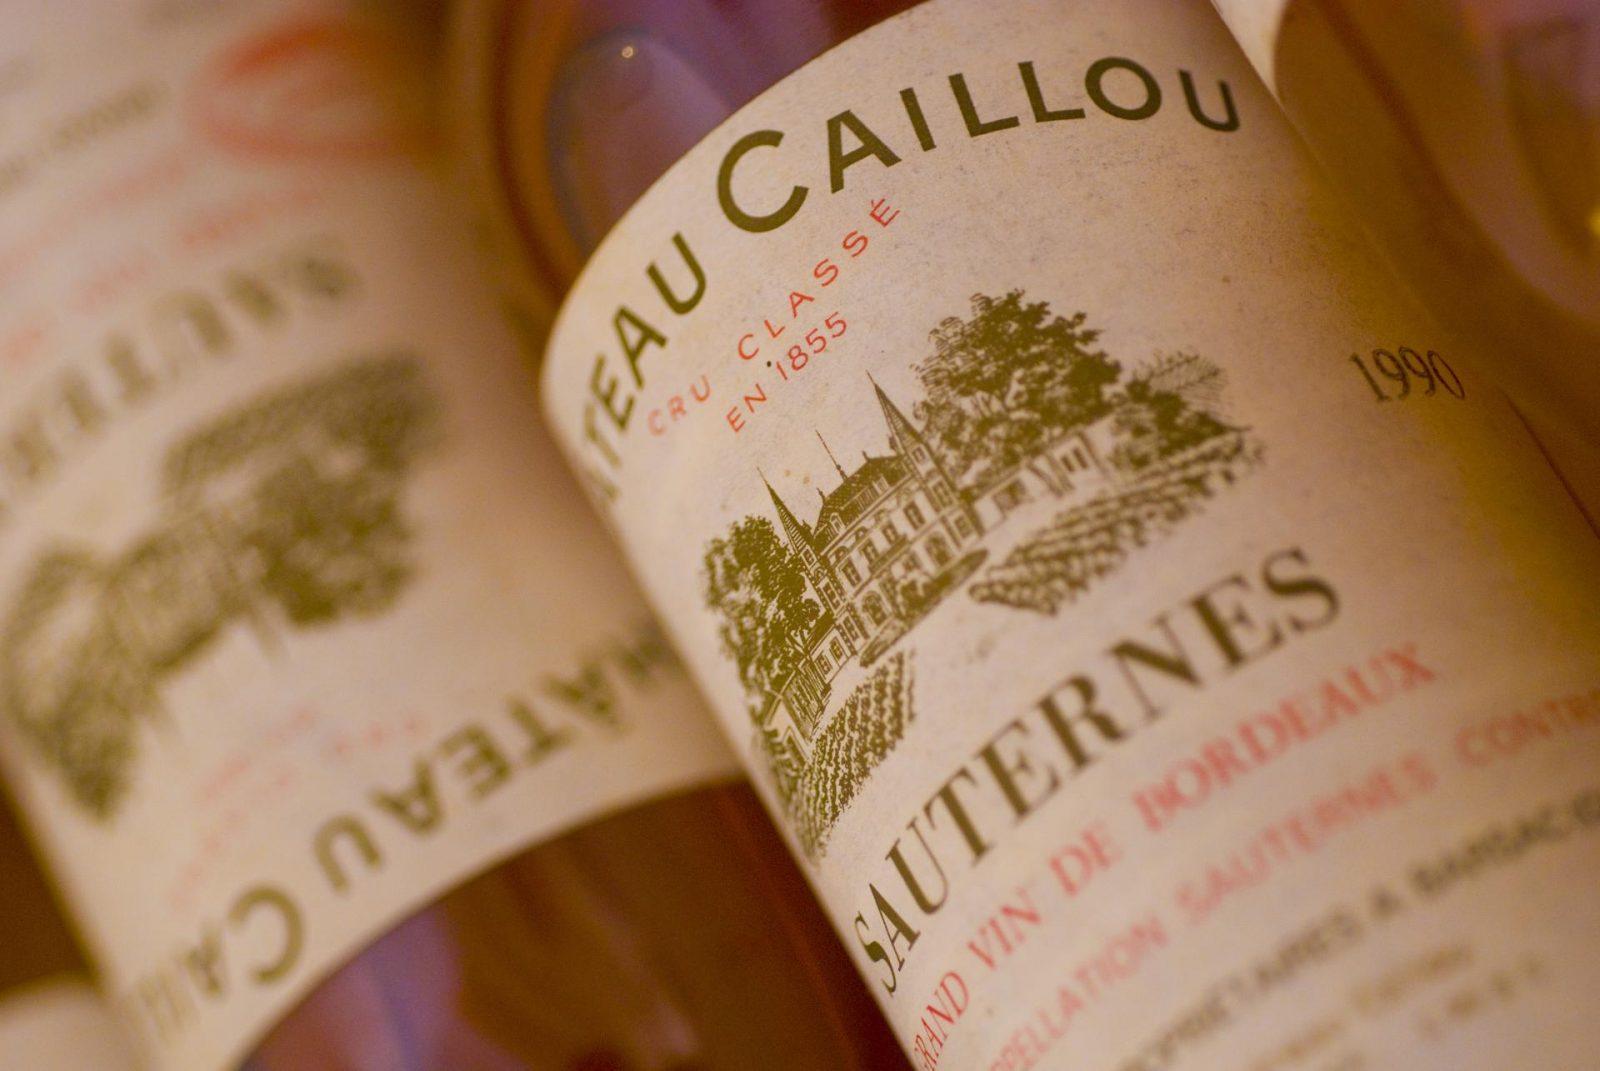 Caillou-035-Vincent-Bengold